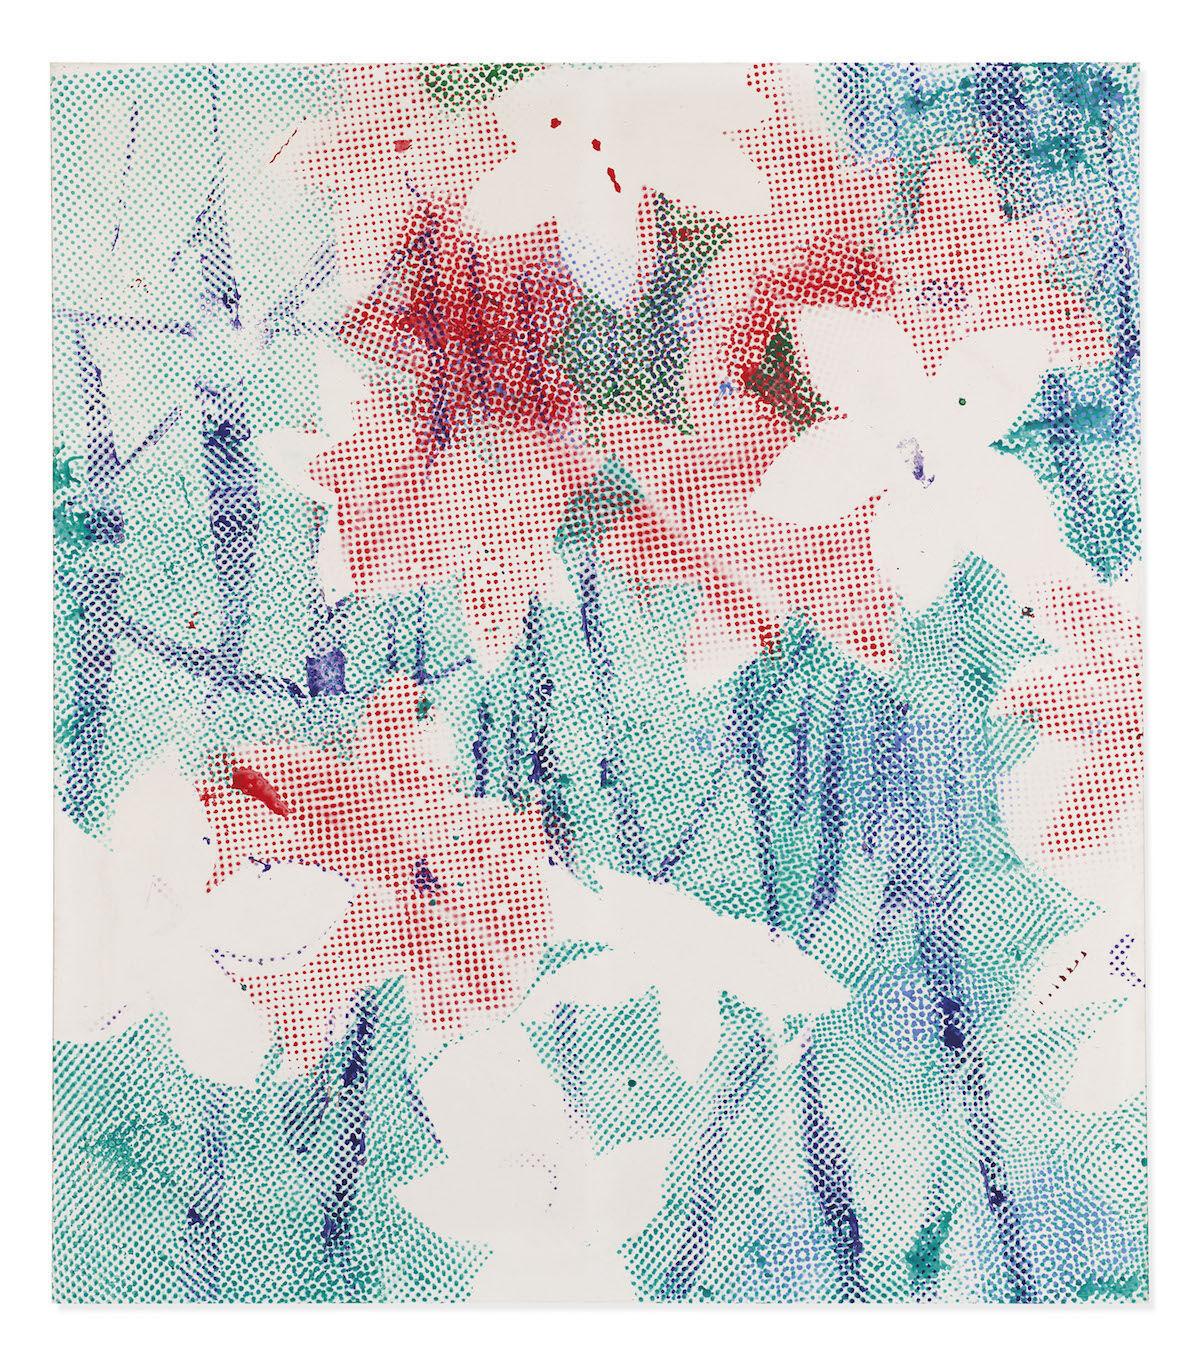 Sigmar Polke, Alpenveilchen/Flowers, 1967. Est. £5 million–£7 million ($6.2 million–$8.7 million). Courtesy Christie's.